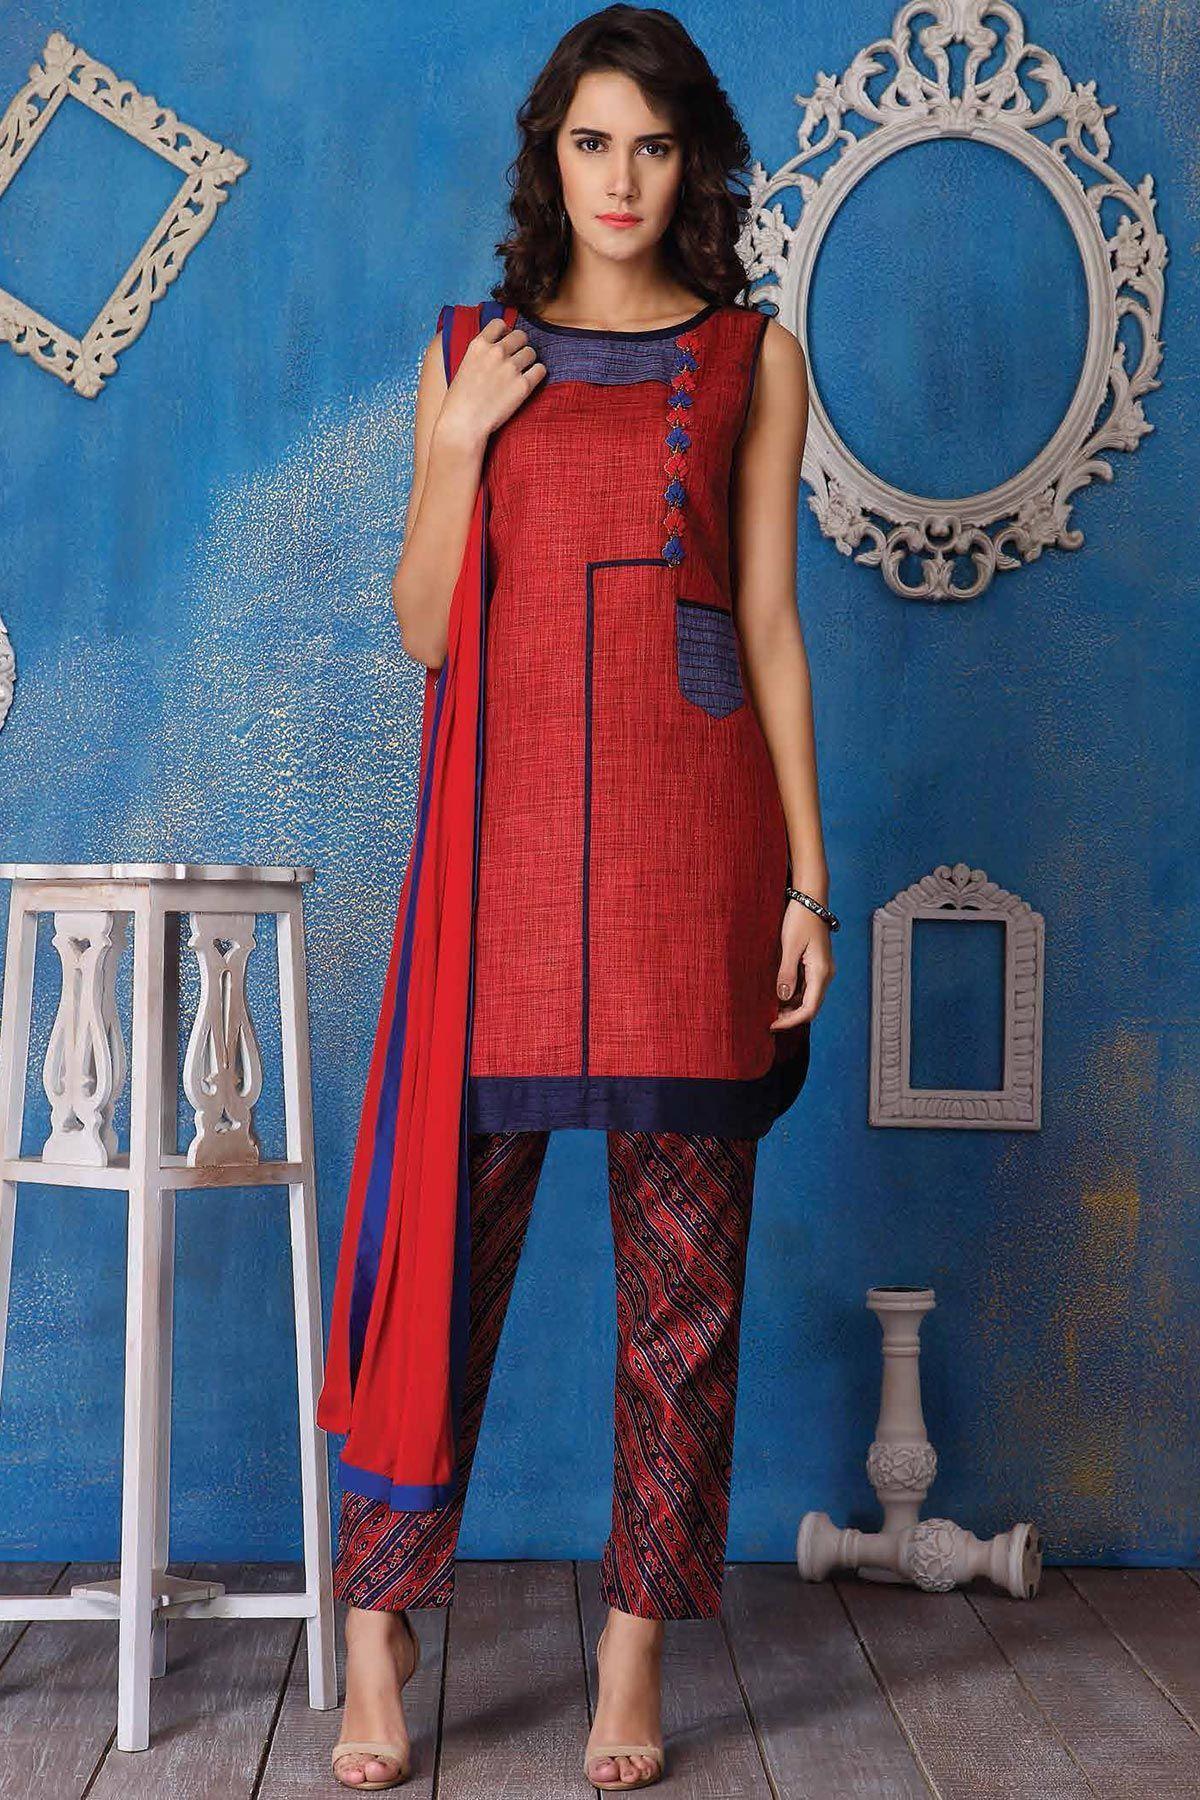 771f7812f2 Buy Red & Blue Thread Embroidered Jute Designer Salwar Online ...